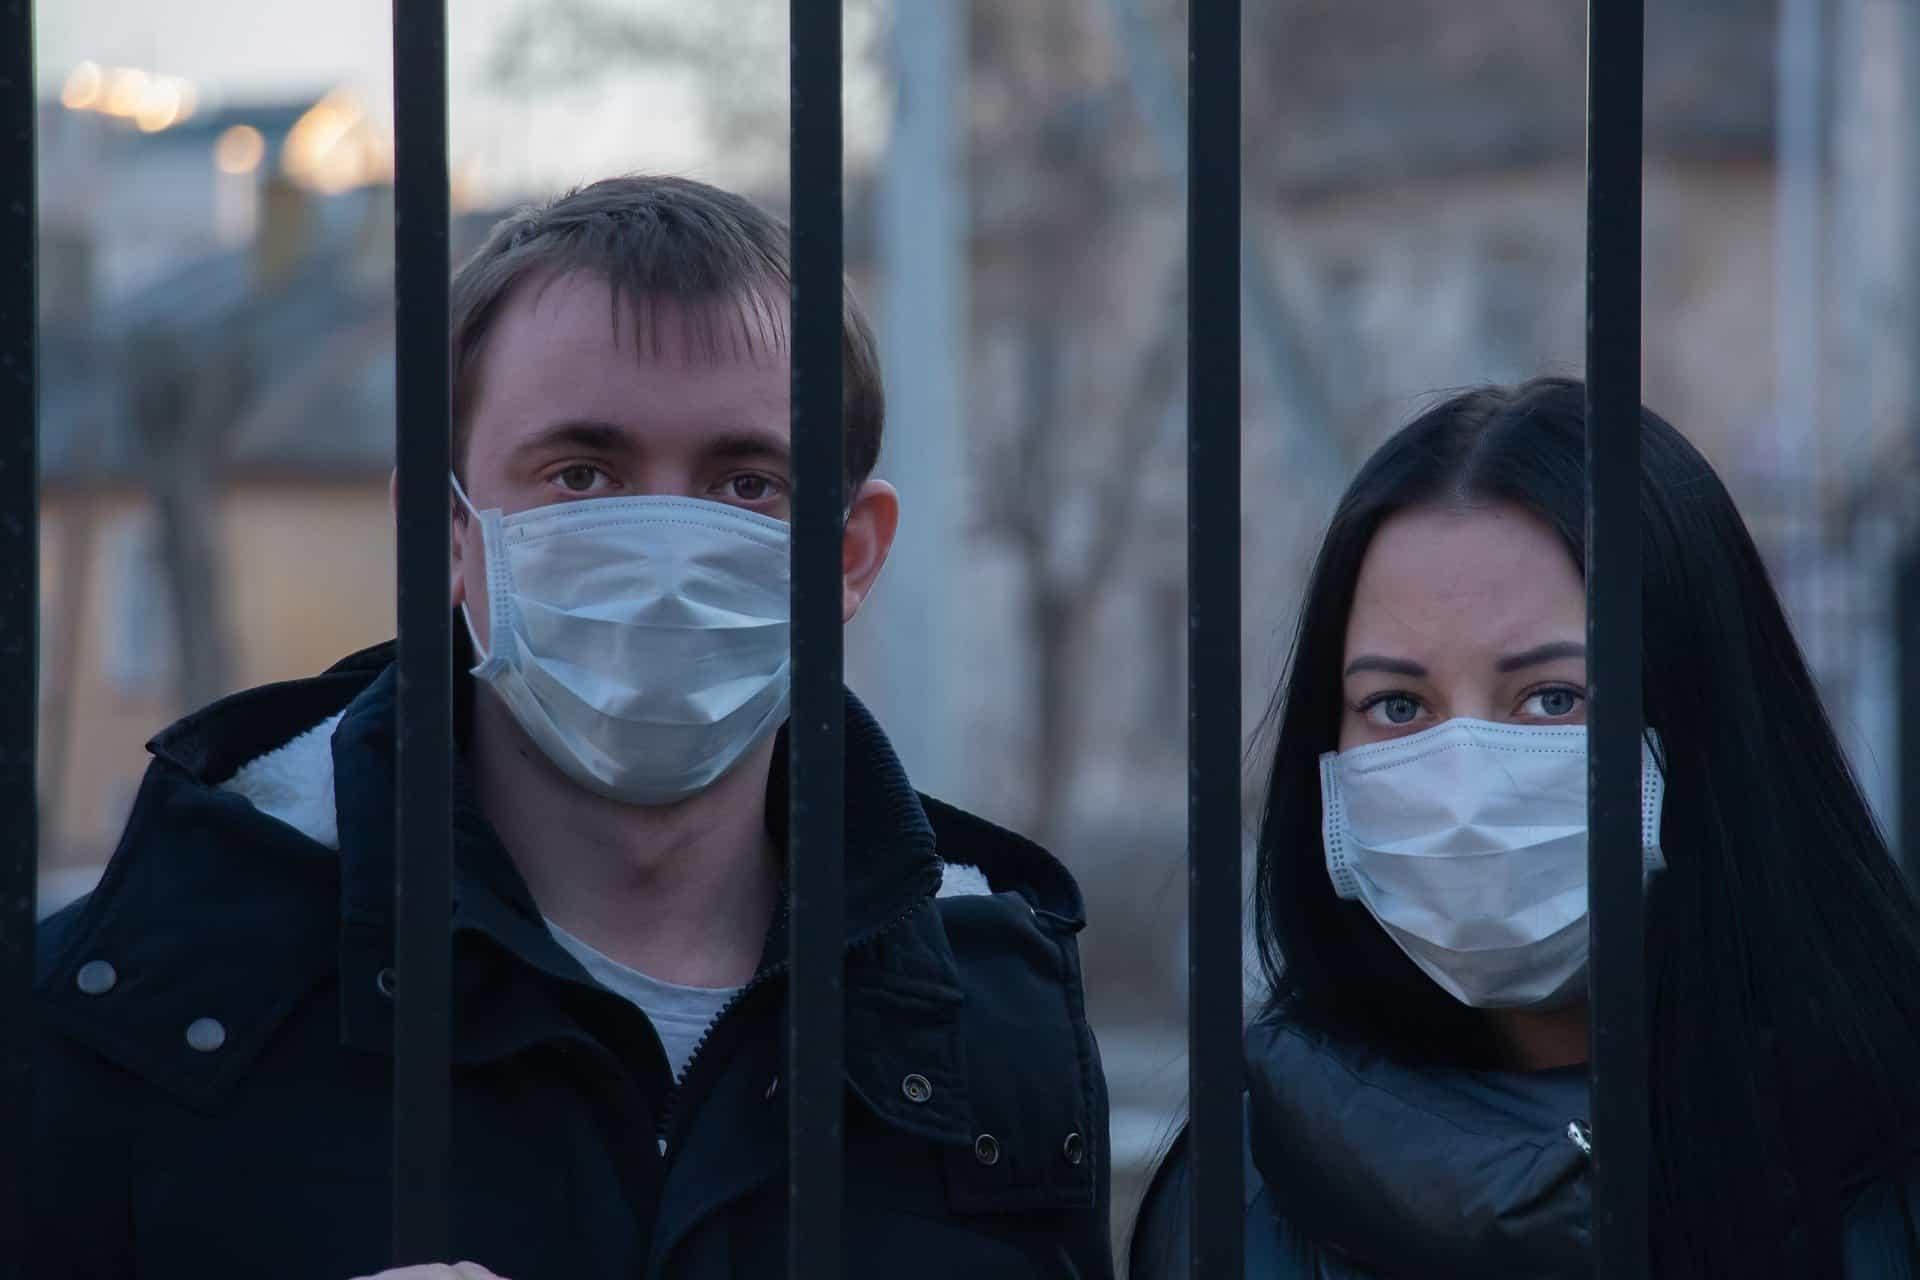 Koronawirus w Polsce: W walce z COVID-19 od dziś panują nowe zaostrzenia, w tym mi zakaz wychodzenia z domu bez potrzeby, kogo ograniczenia nie dotyczą?